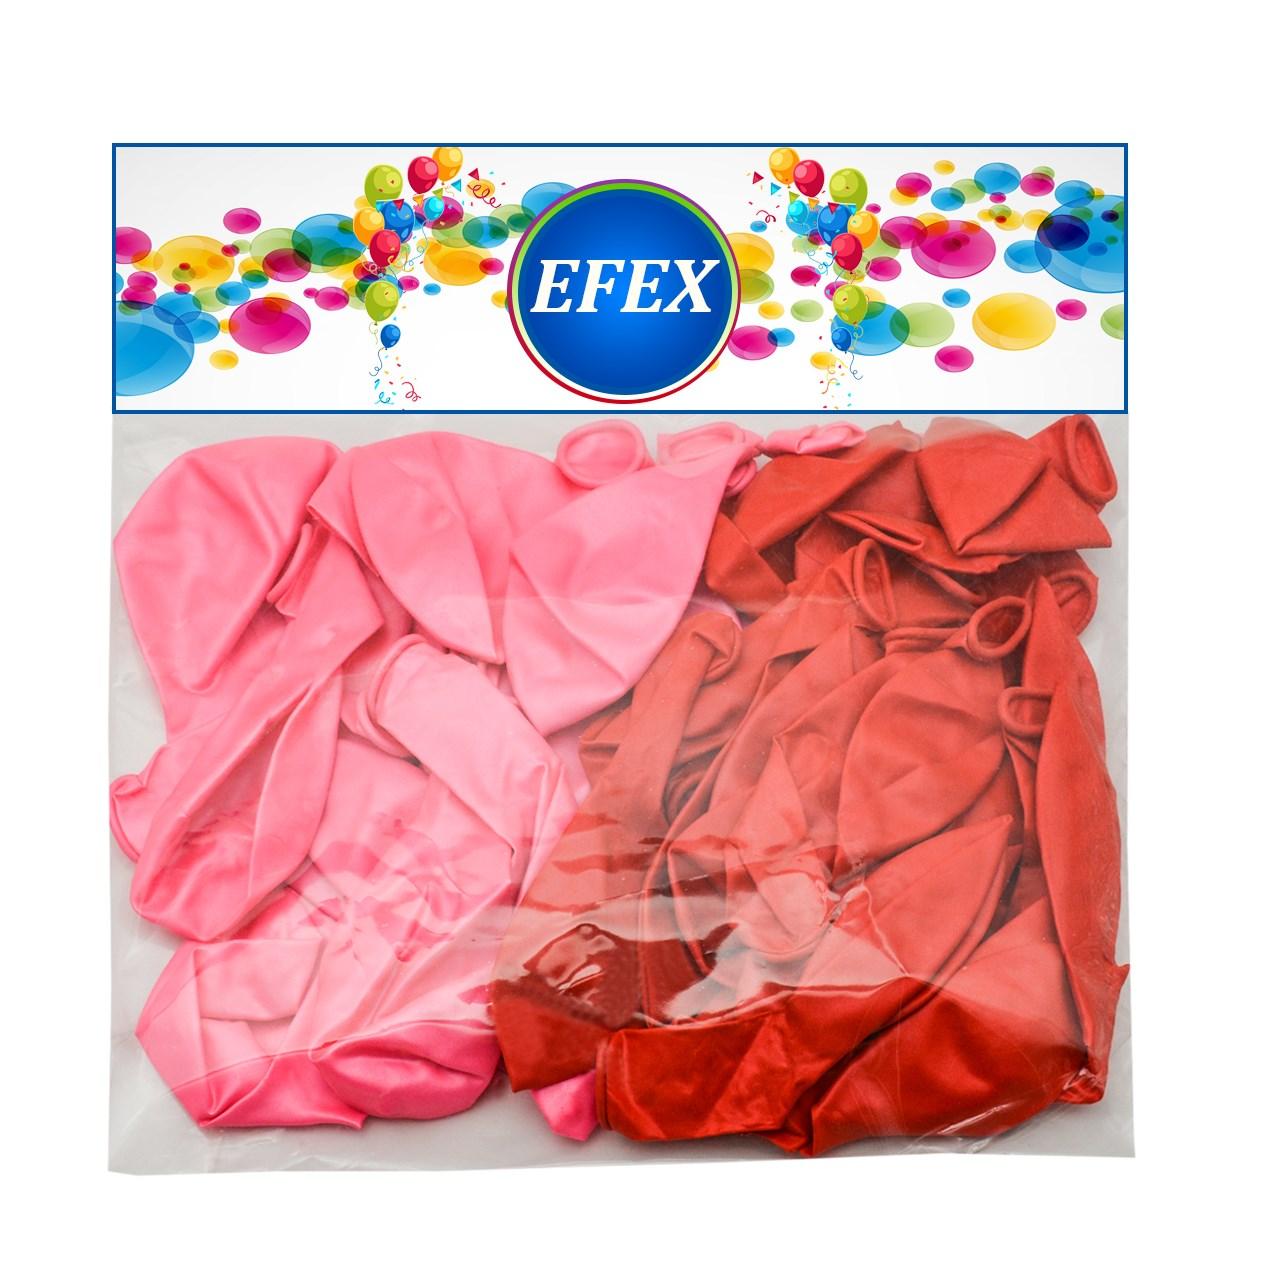 عکس بادکنک متالایز طرح EFEX بسته 40 عددی